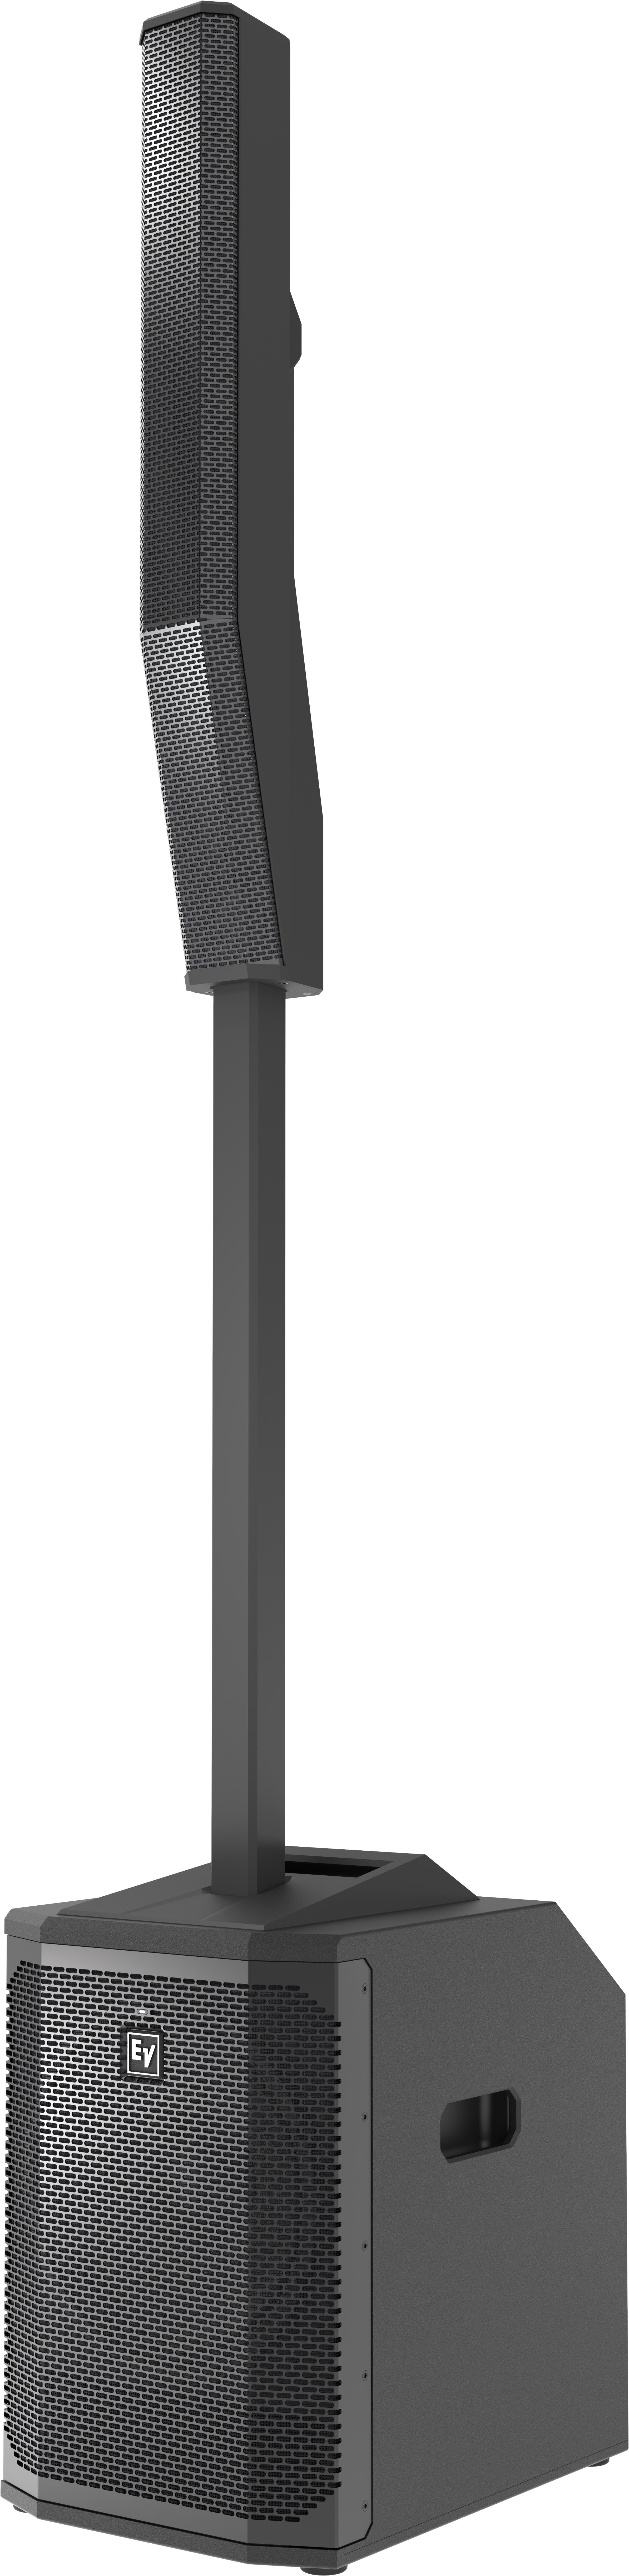 EVOLVE 50M BK - Sistem portabil tip coloana [2]